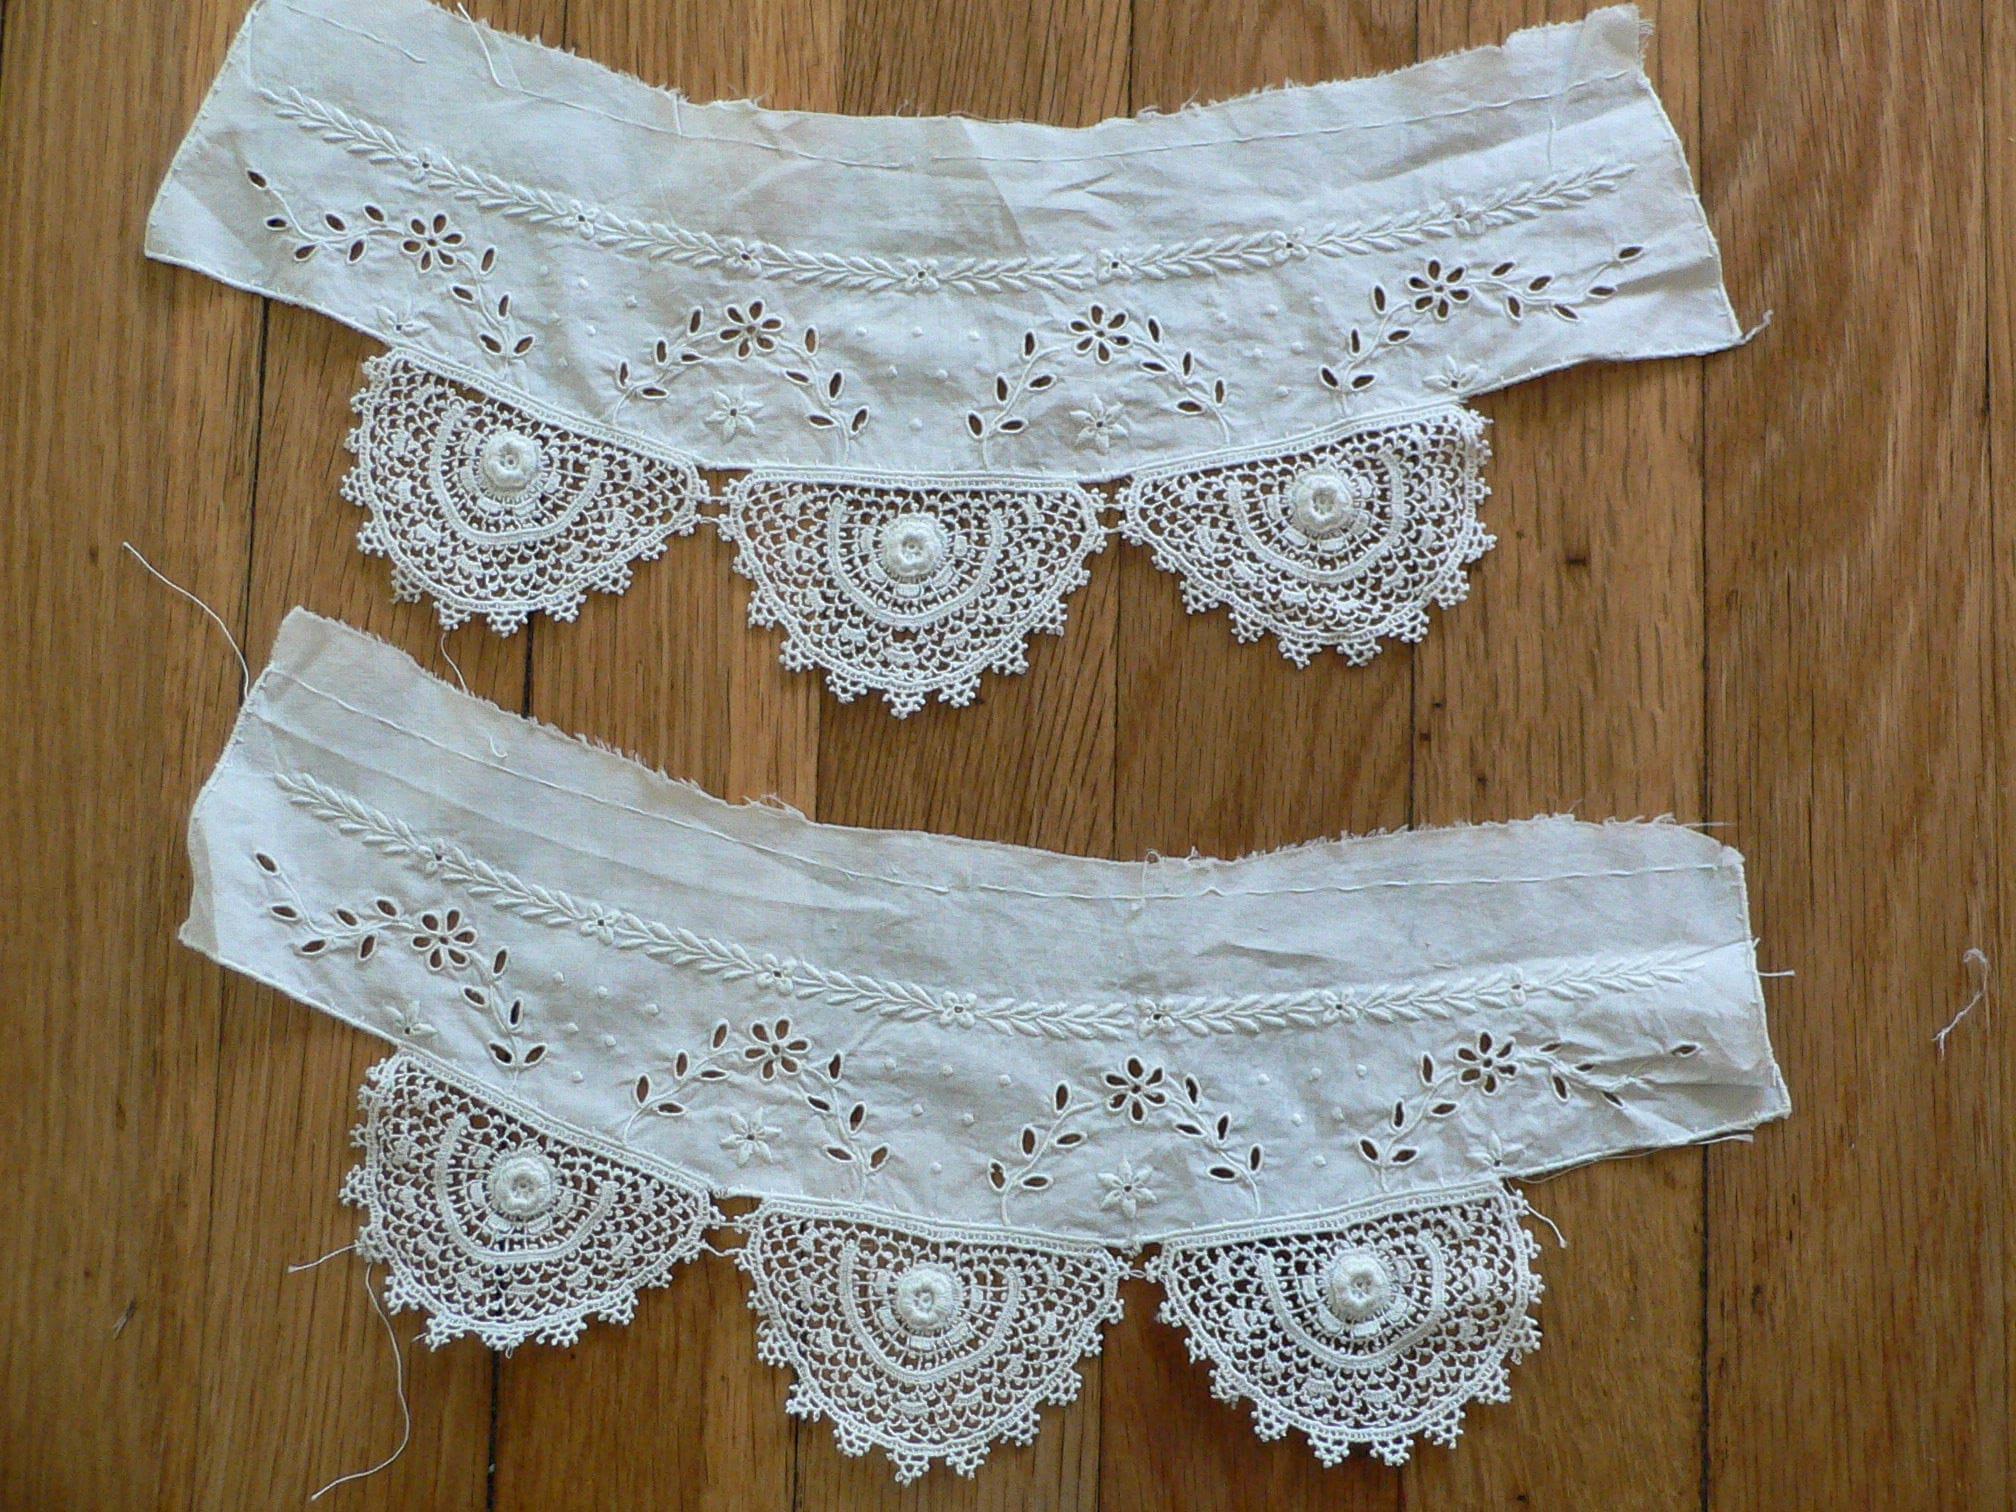 Crochet irlandais Schiffli antique en manchettes de de manchettes dentelle avec broderie pour des projets ou des vêtements de poupée 490c00